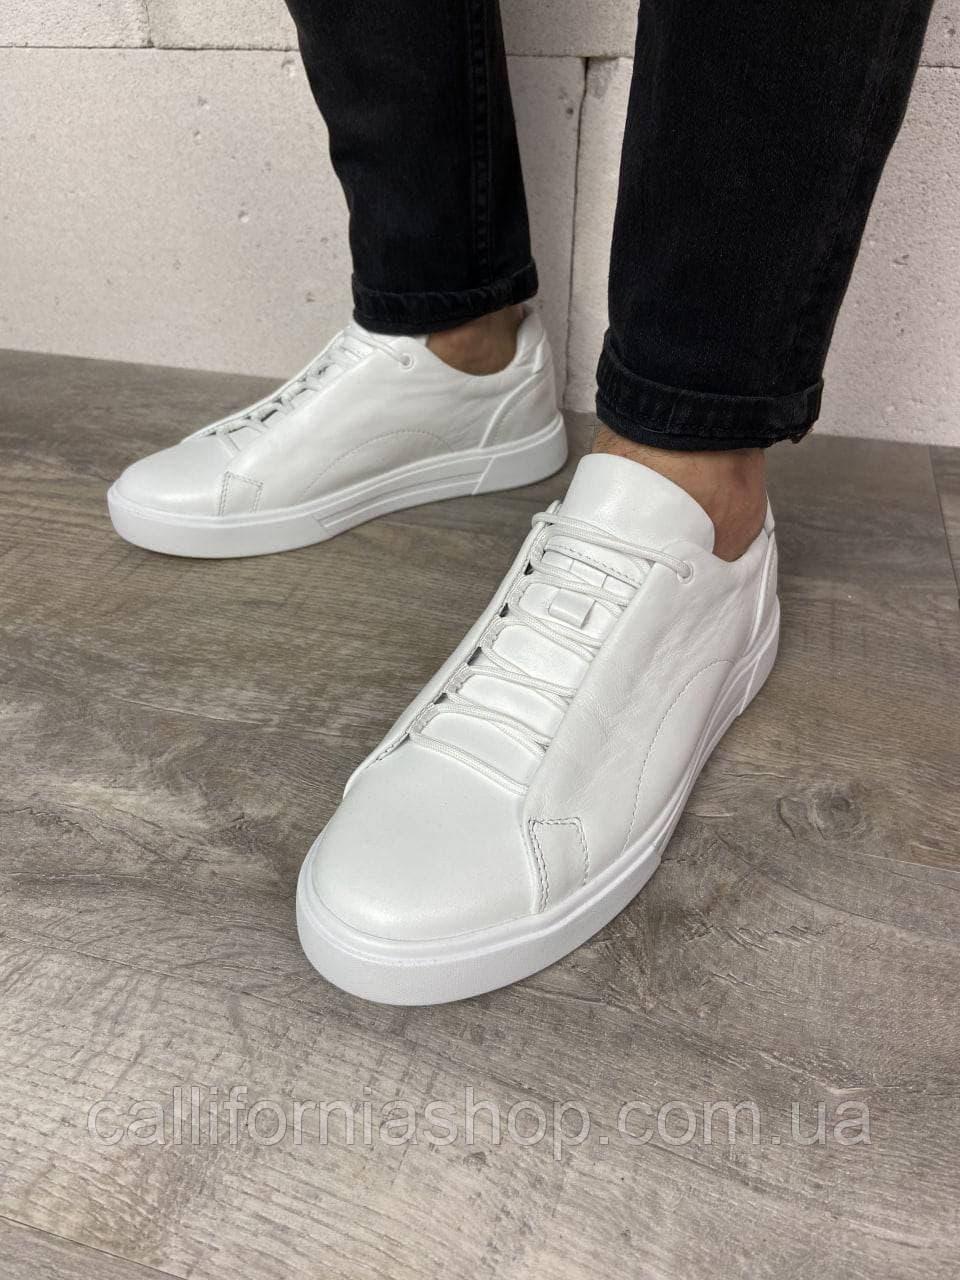 Мужские белые кроссовки кеды из натуральной кожи демисезонные